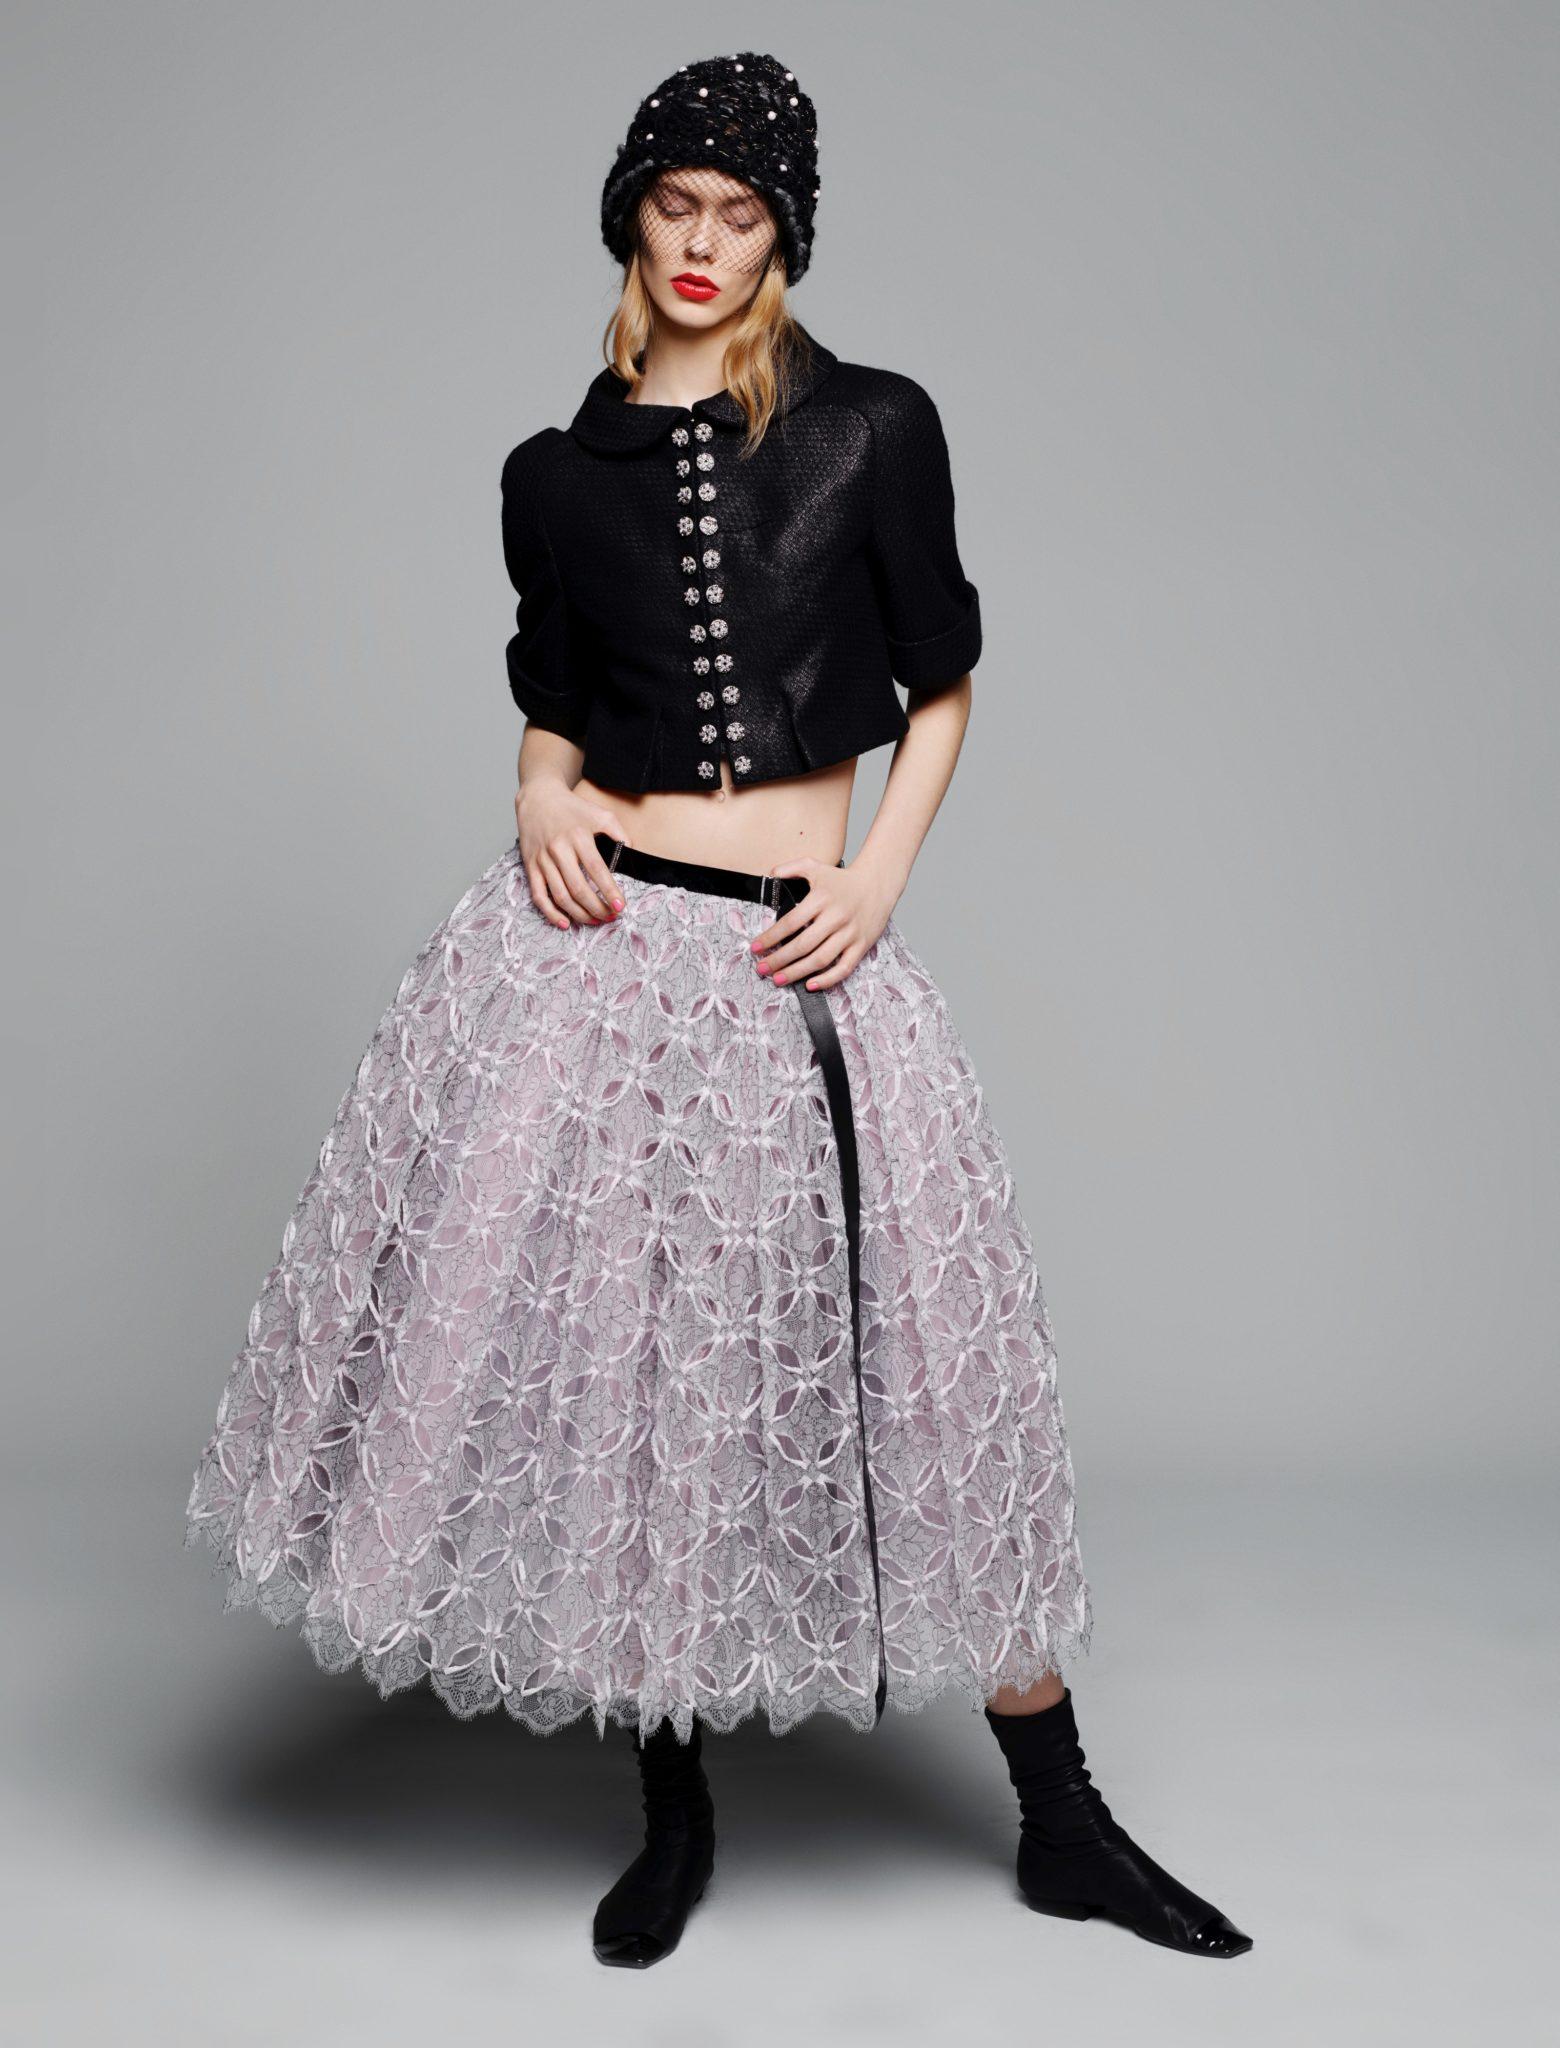 Ensemble avec jupe en dentelle mécanique perforée à la main_Karl Lagerfeld pour CHANEL, Collection Haute Couture Printemps-Été 2015 © CHANEL – Photo Karl Lagerfeld